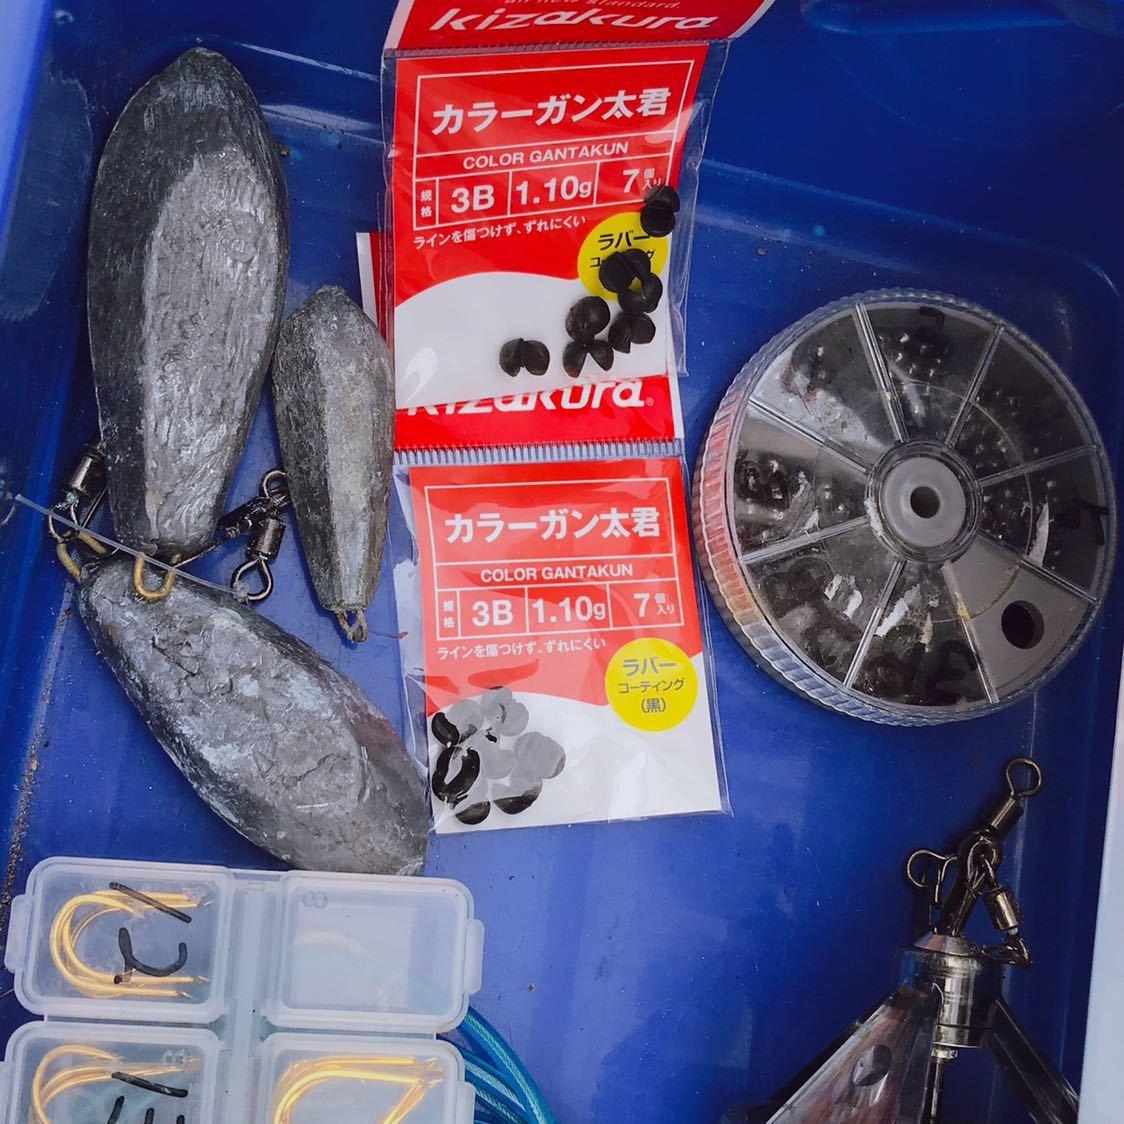 1円 海釣り 仕掛け いろいろ セット 鉛スッテ タコエギ ハリスなど 画像参照_画像9